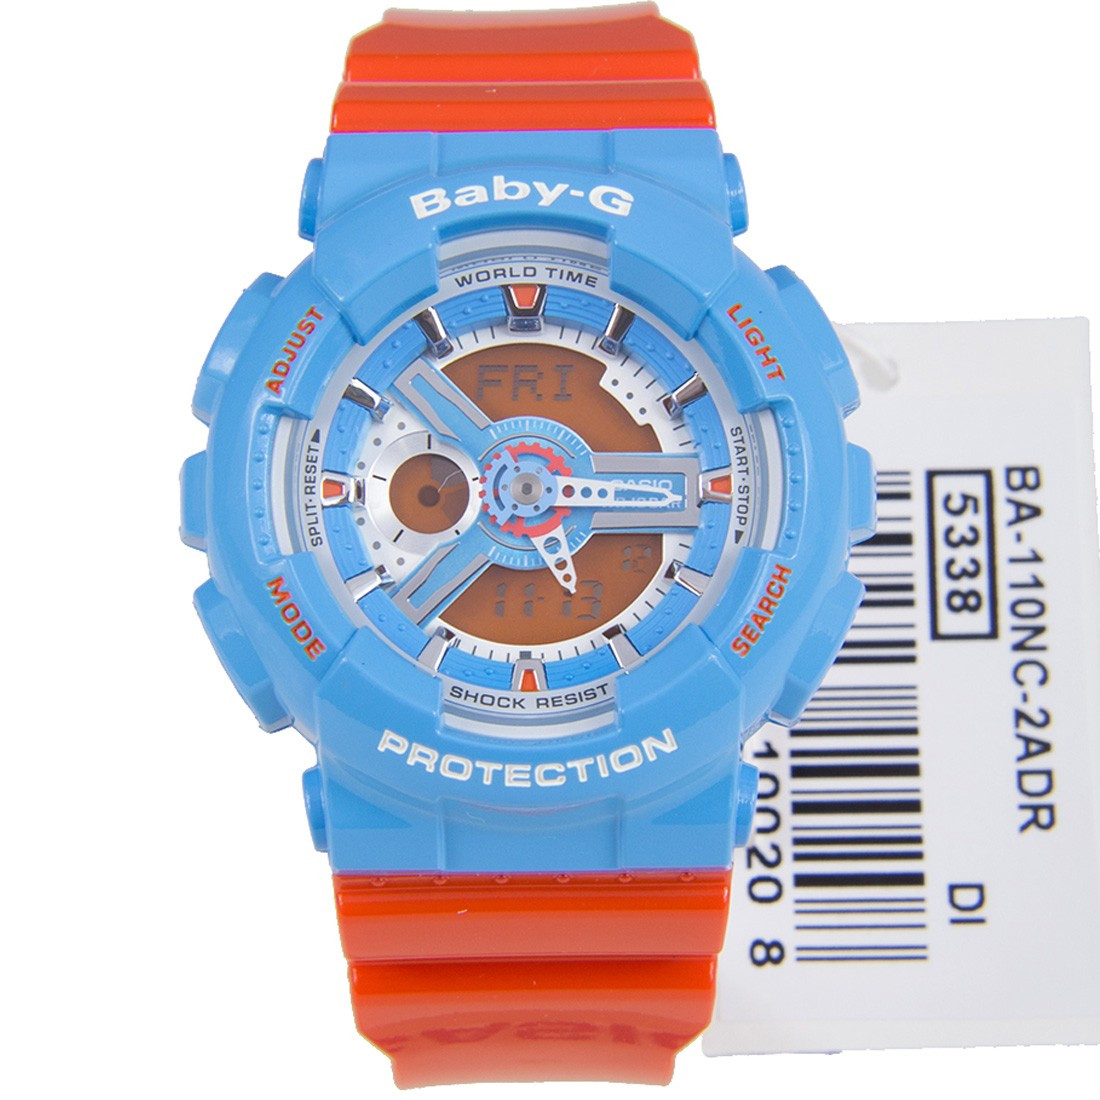 นาฬิกาข้อมือผู้หญิง Casio BABY-G รุ่น BA-110NC-2ADR